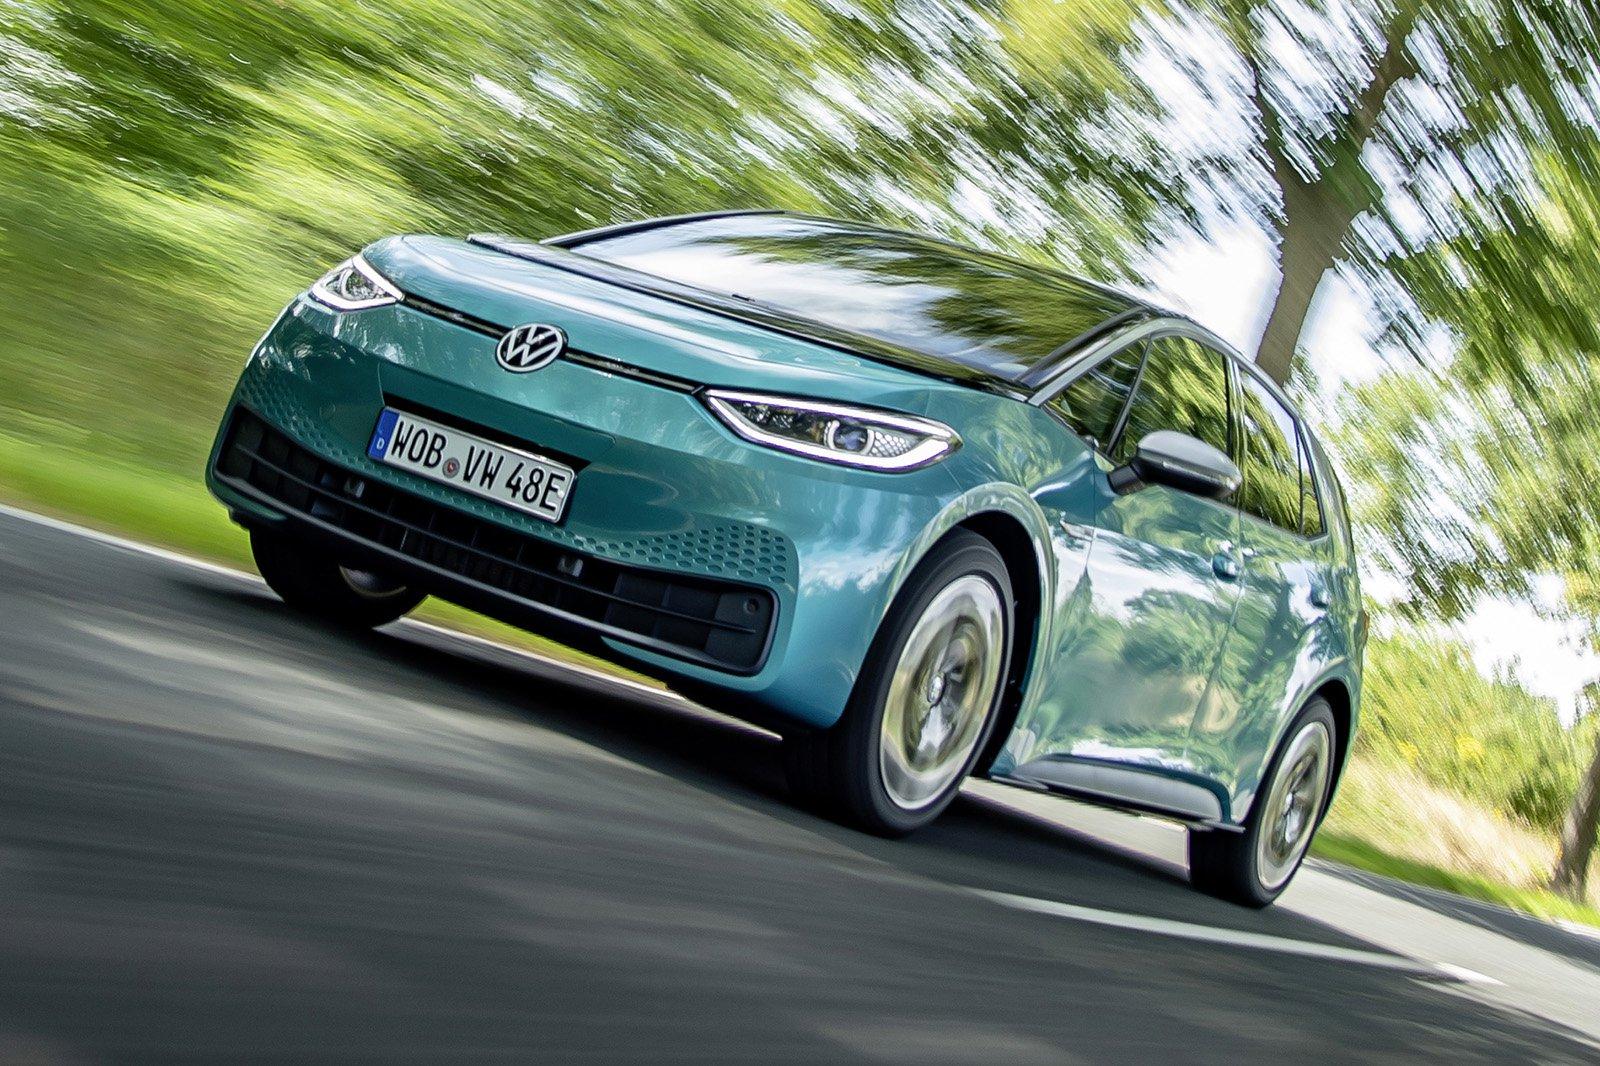 2020 Volkswagen ID 3 front driving